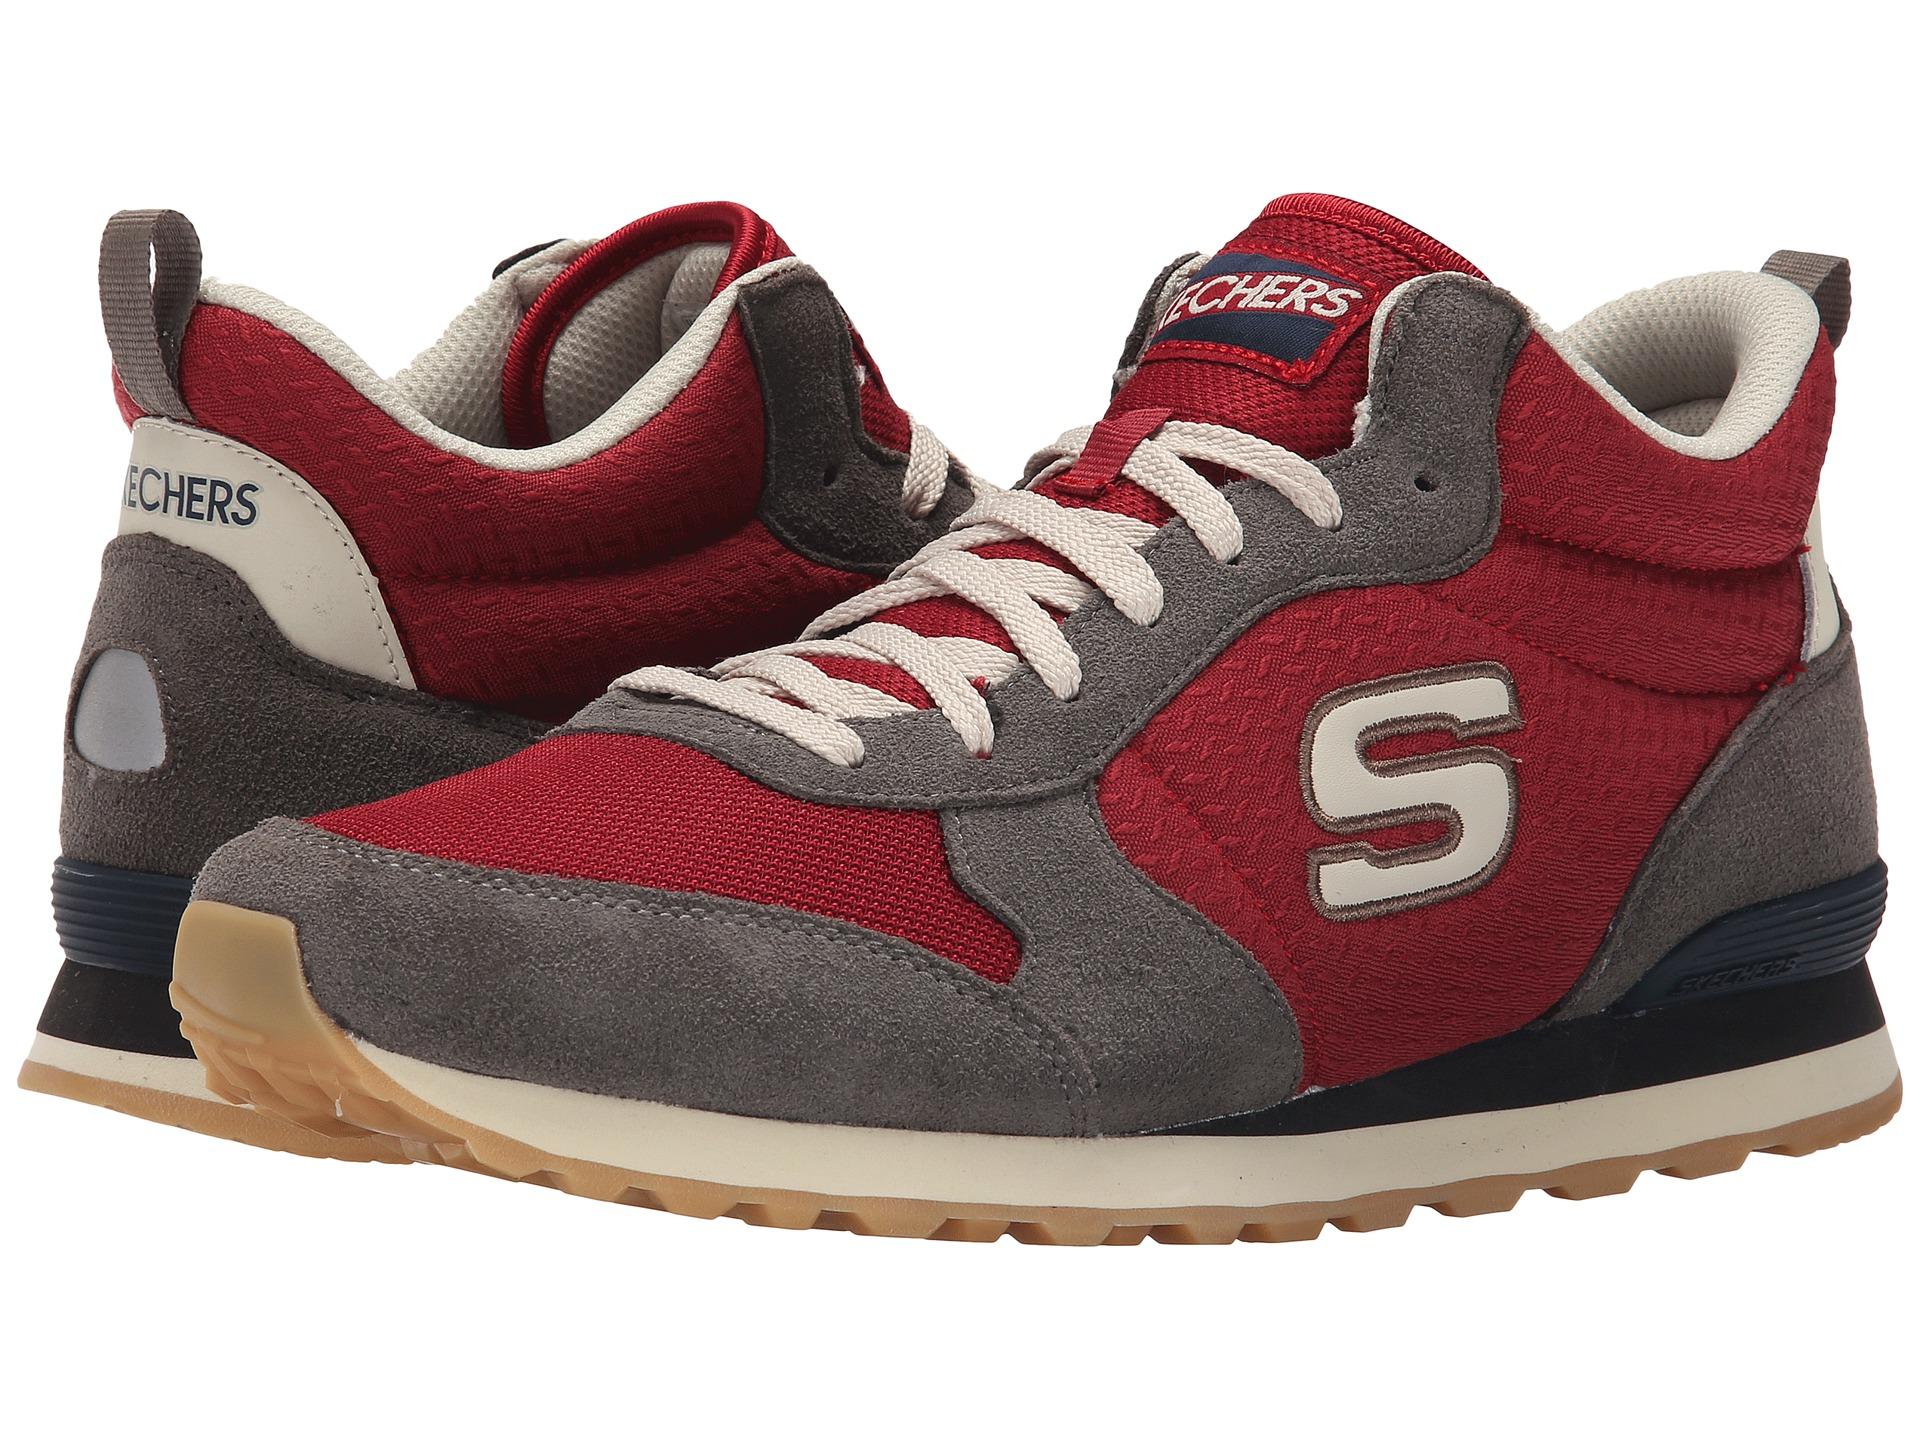 Skechers Og 85